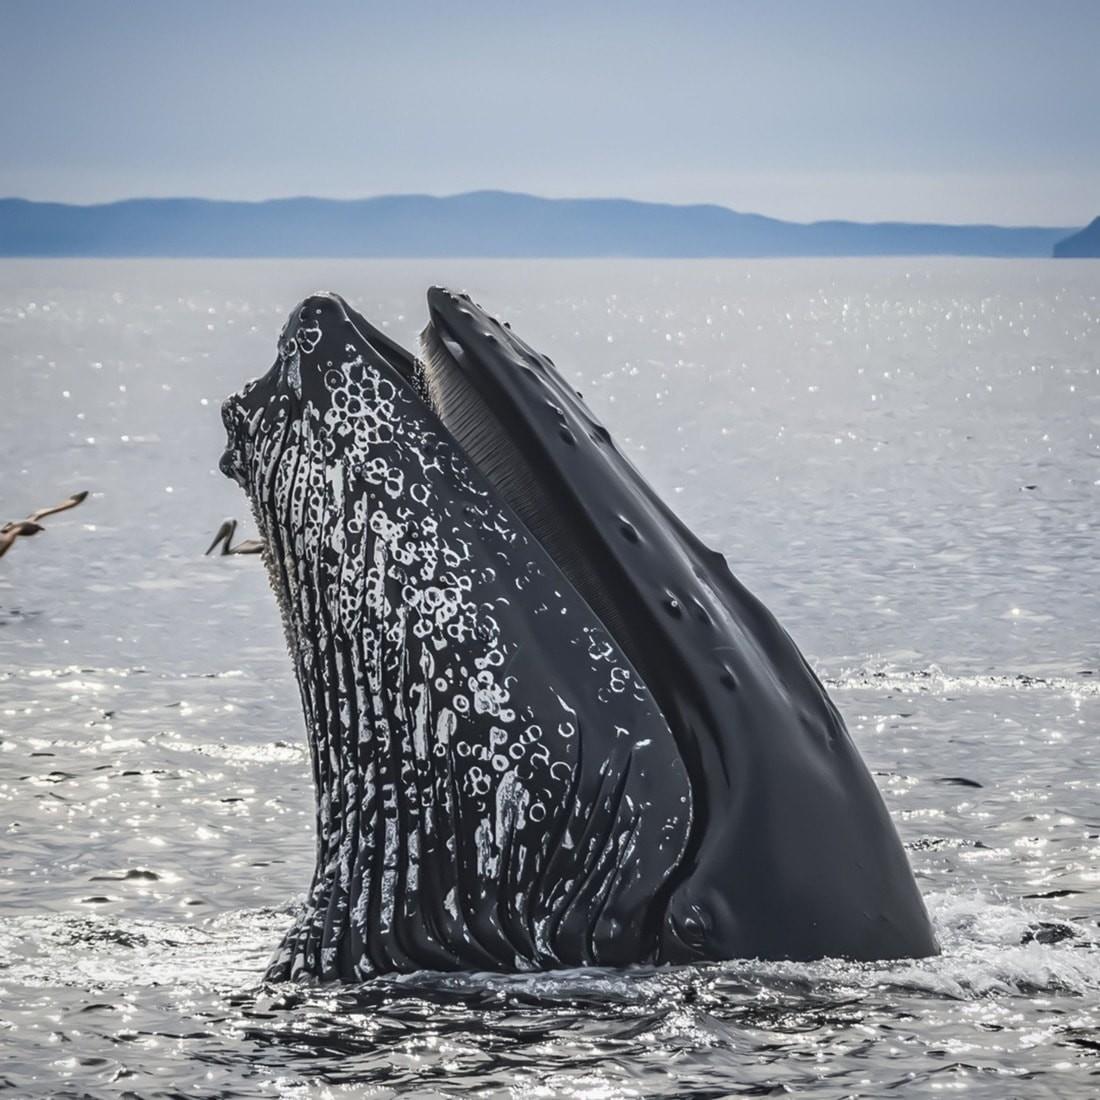 56-летний американец выжил после попадания в пасть горбатого кита. Это редчайший случай